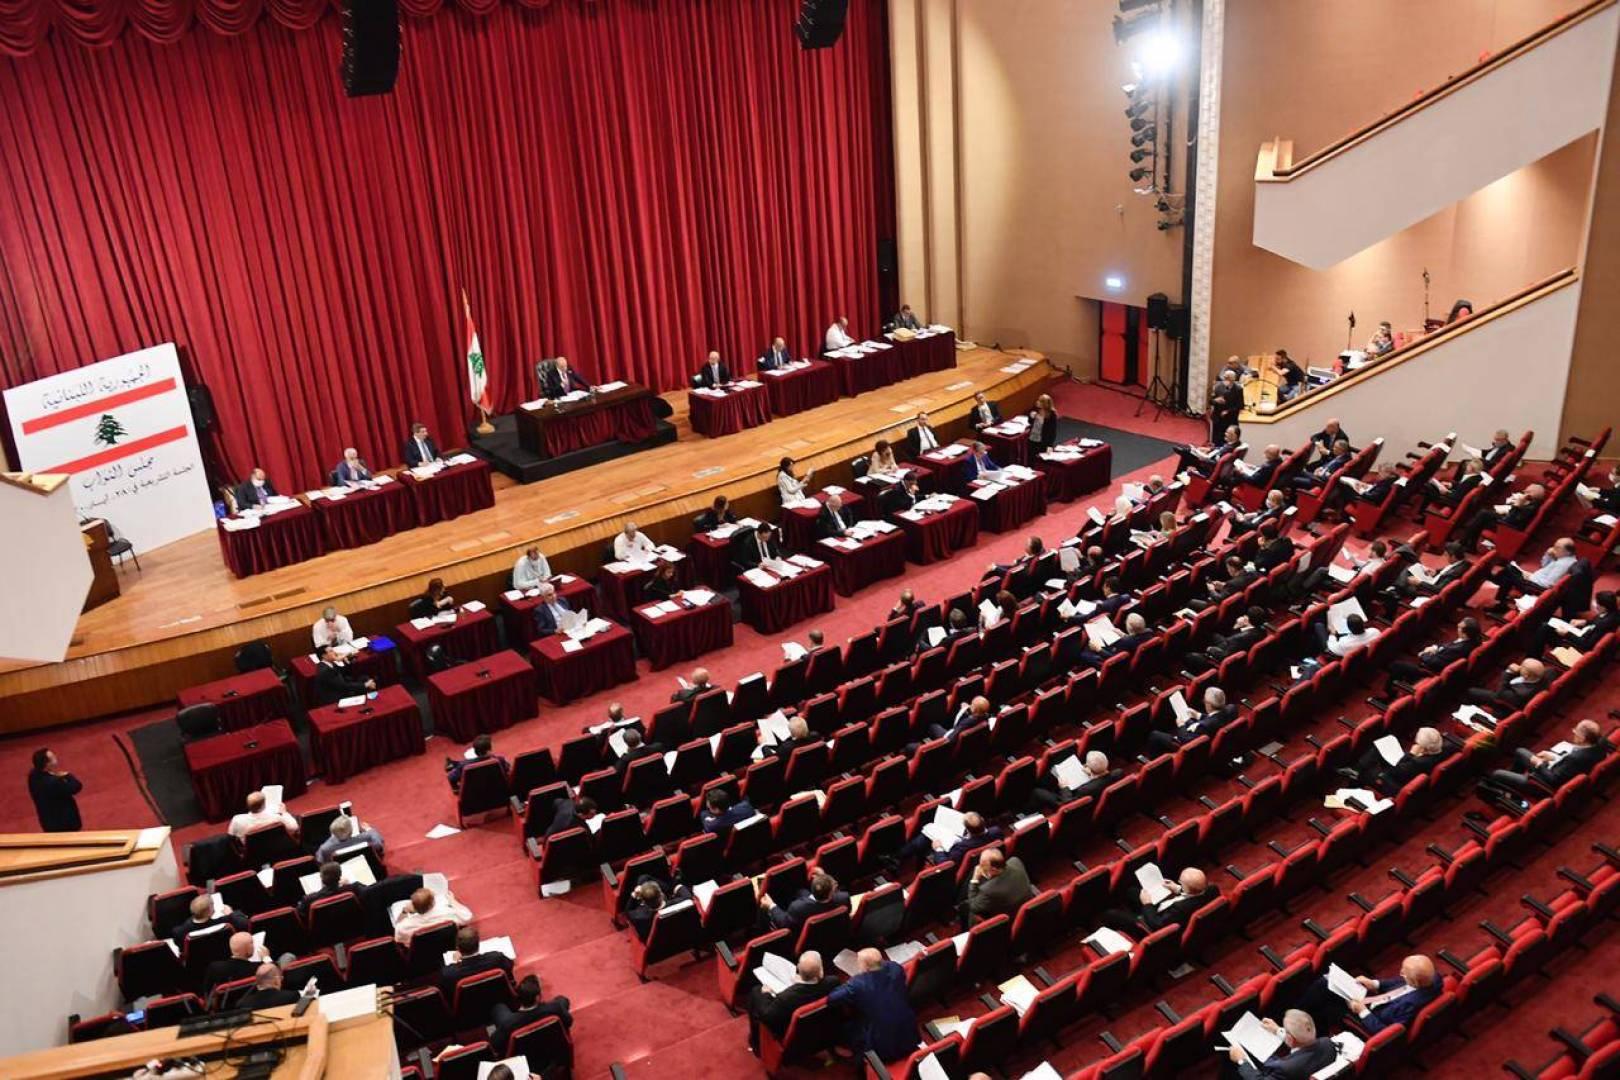 """""""العفو العامّ"""" يطرح خلافات النظام السياسيّ على """"مسرح الأونيسكو"""" ومفاوضات """"الكواليس"""" تفشل في تلقين الشعب درس """"الوحدة الوطنيّة"""""""